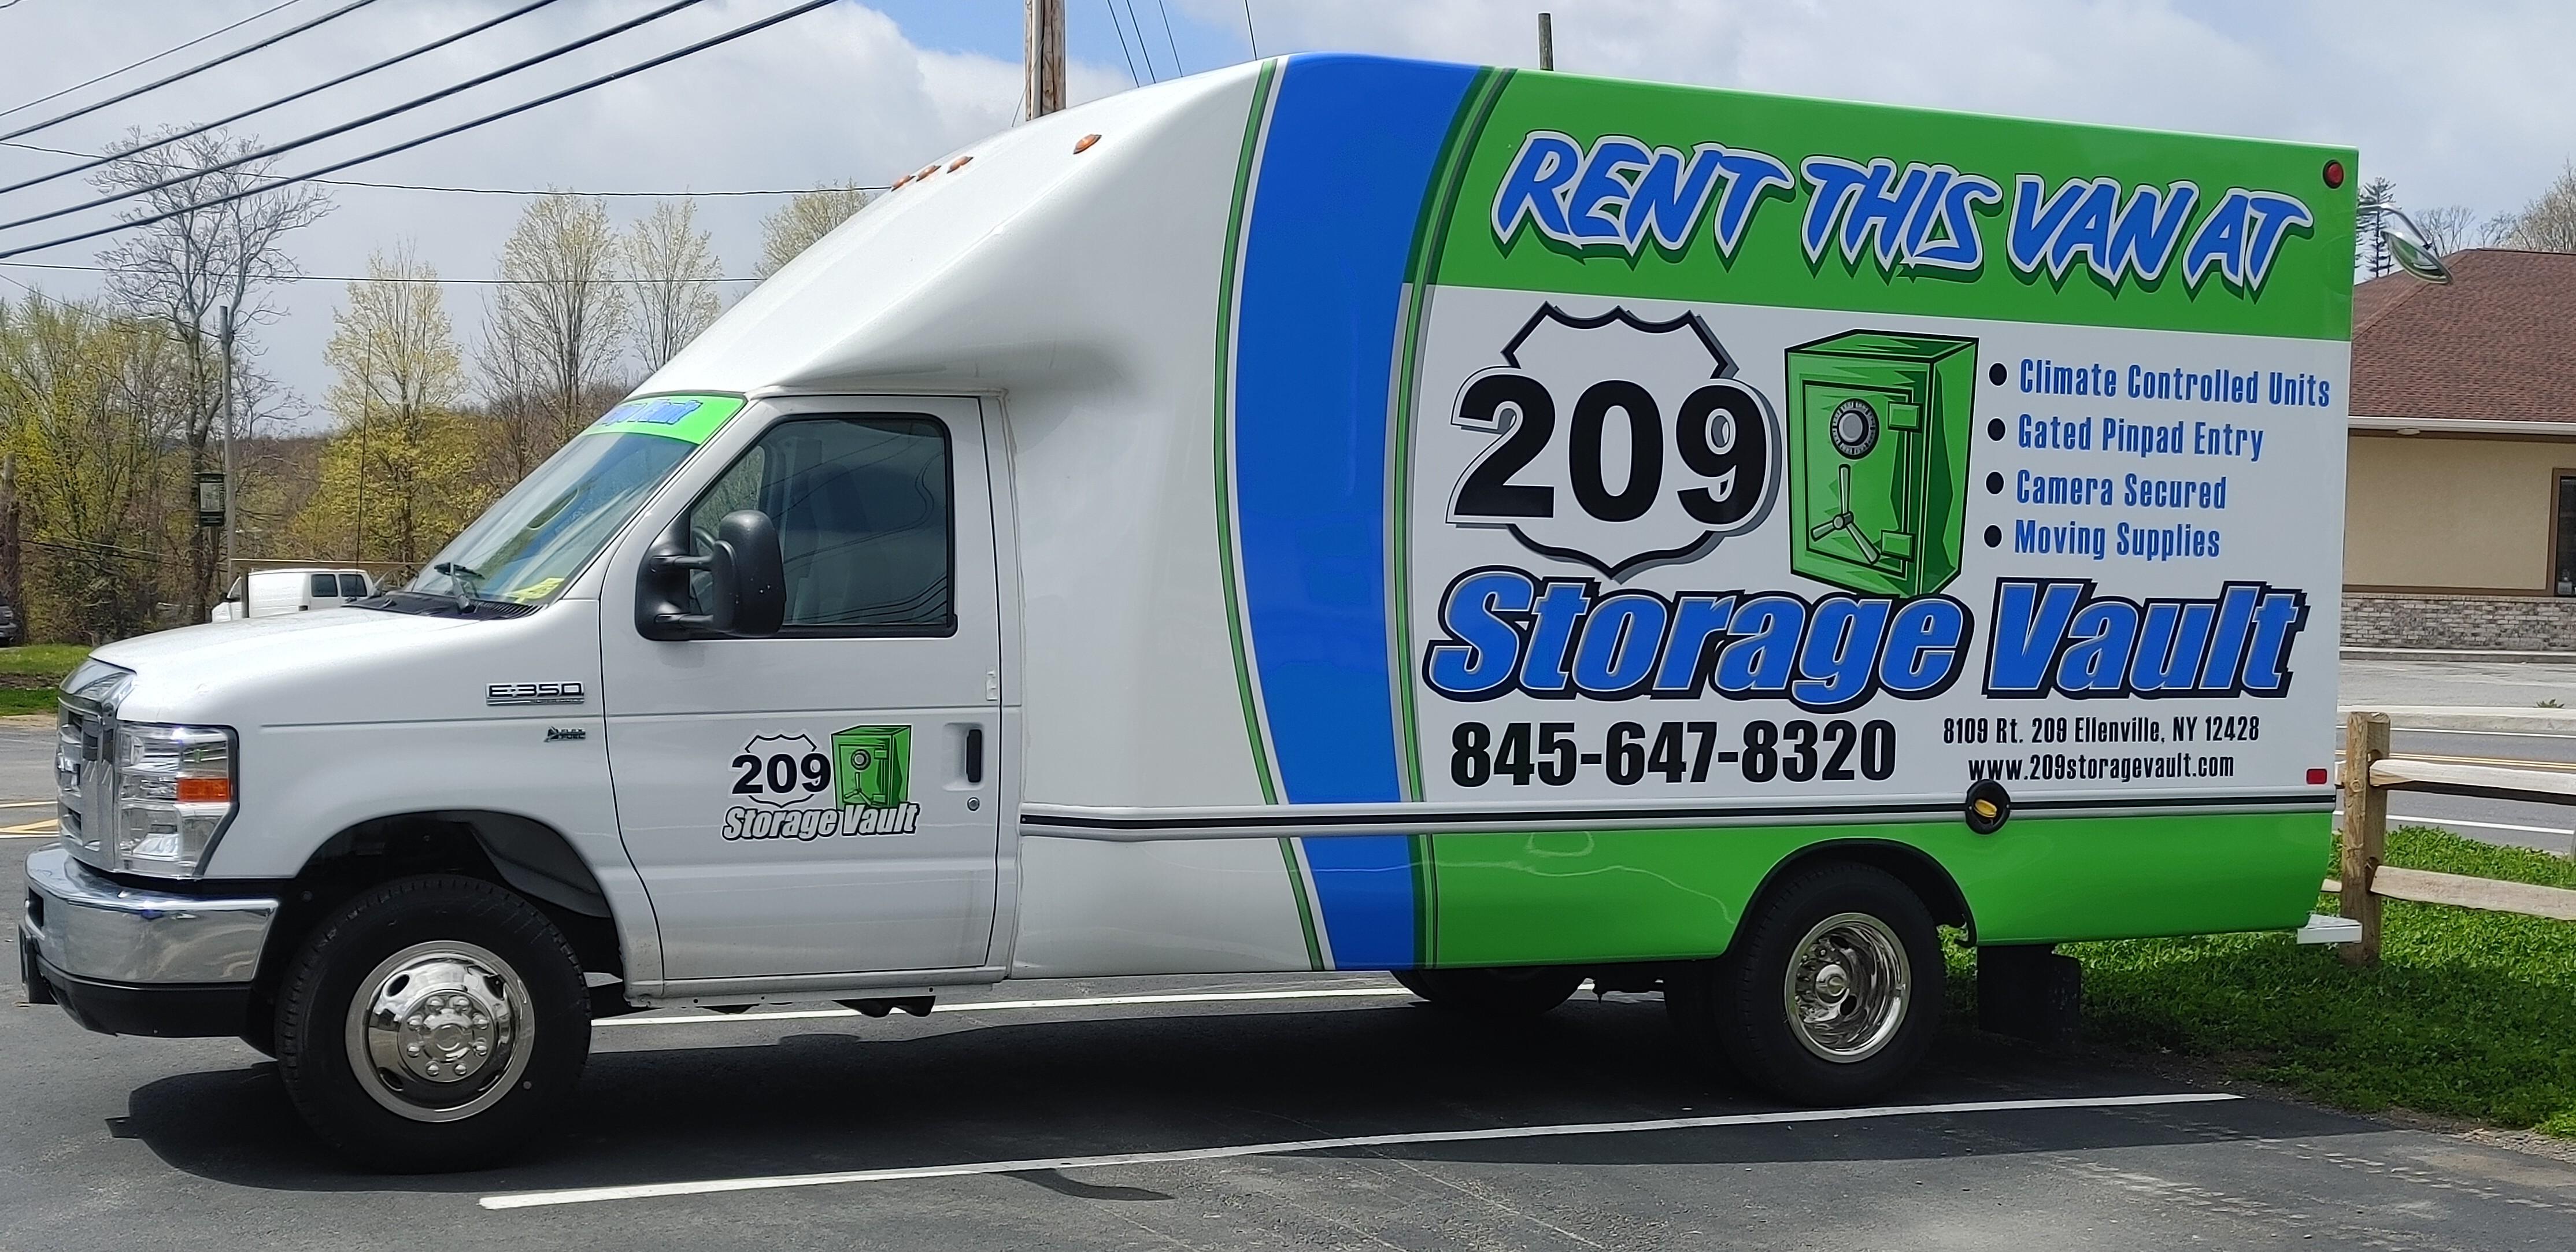 Our new rental van